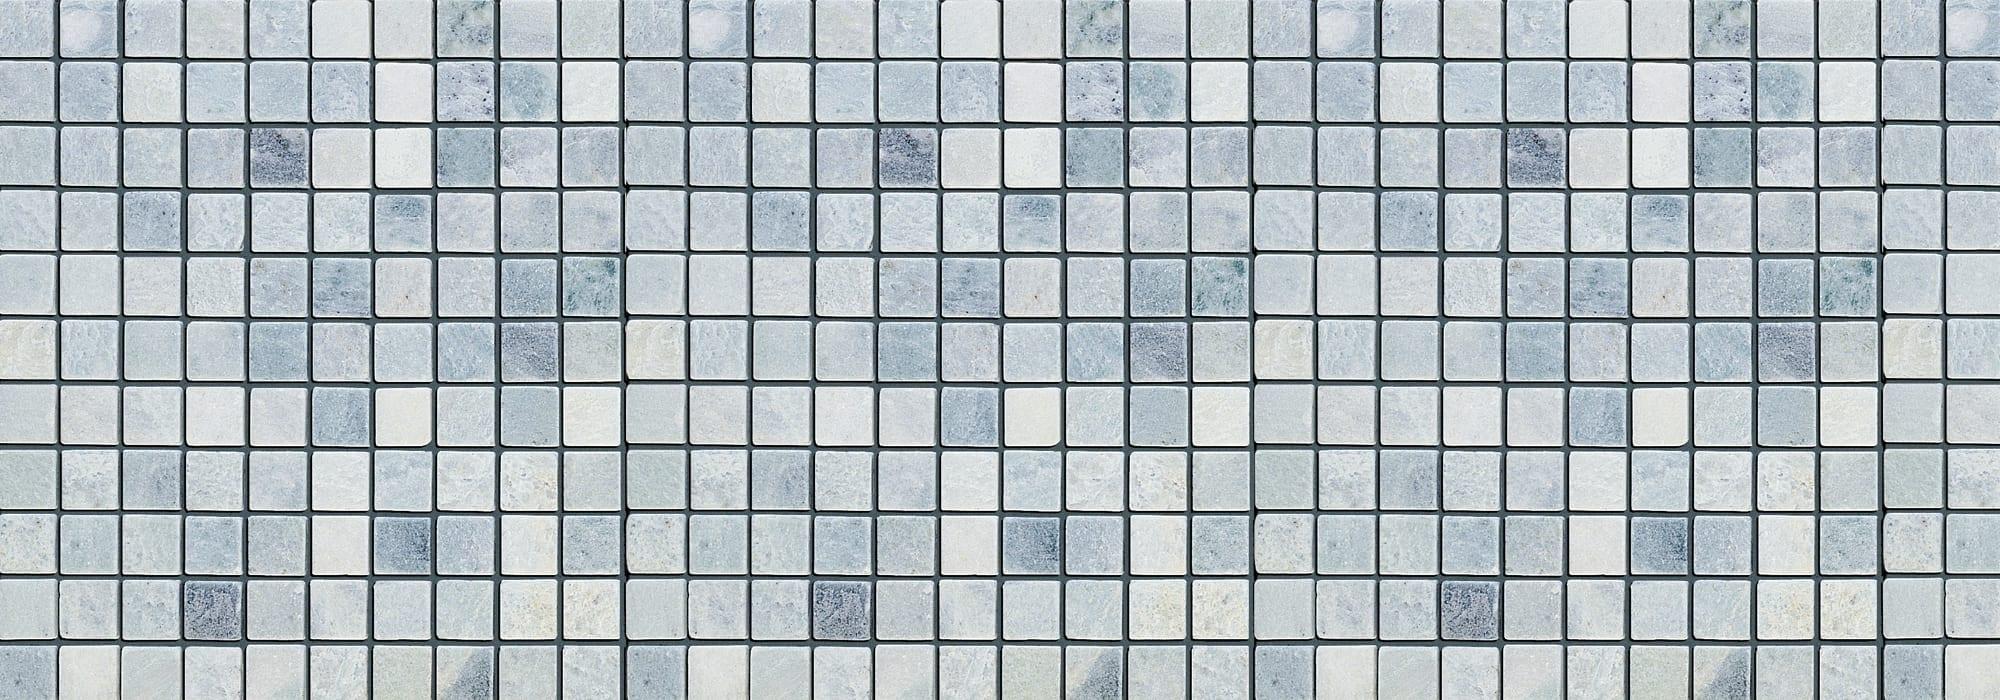 פסיפס אבן סיישל 2.5*2.5 by Milstone